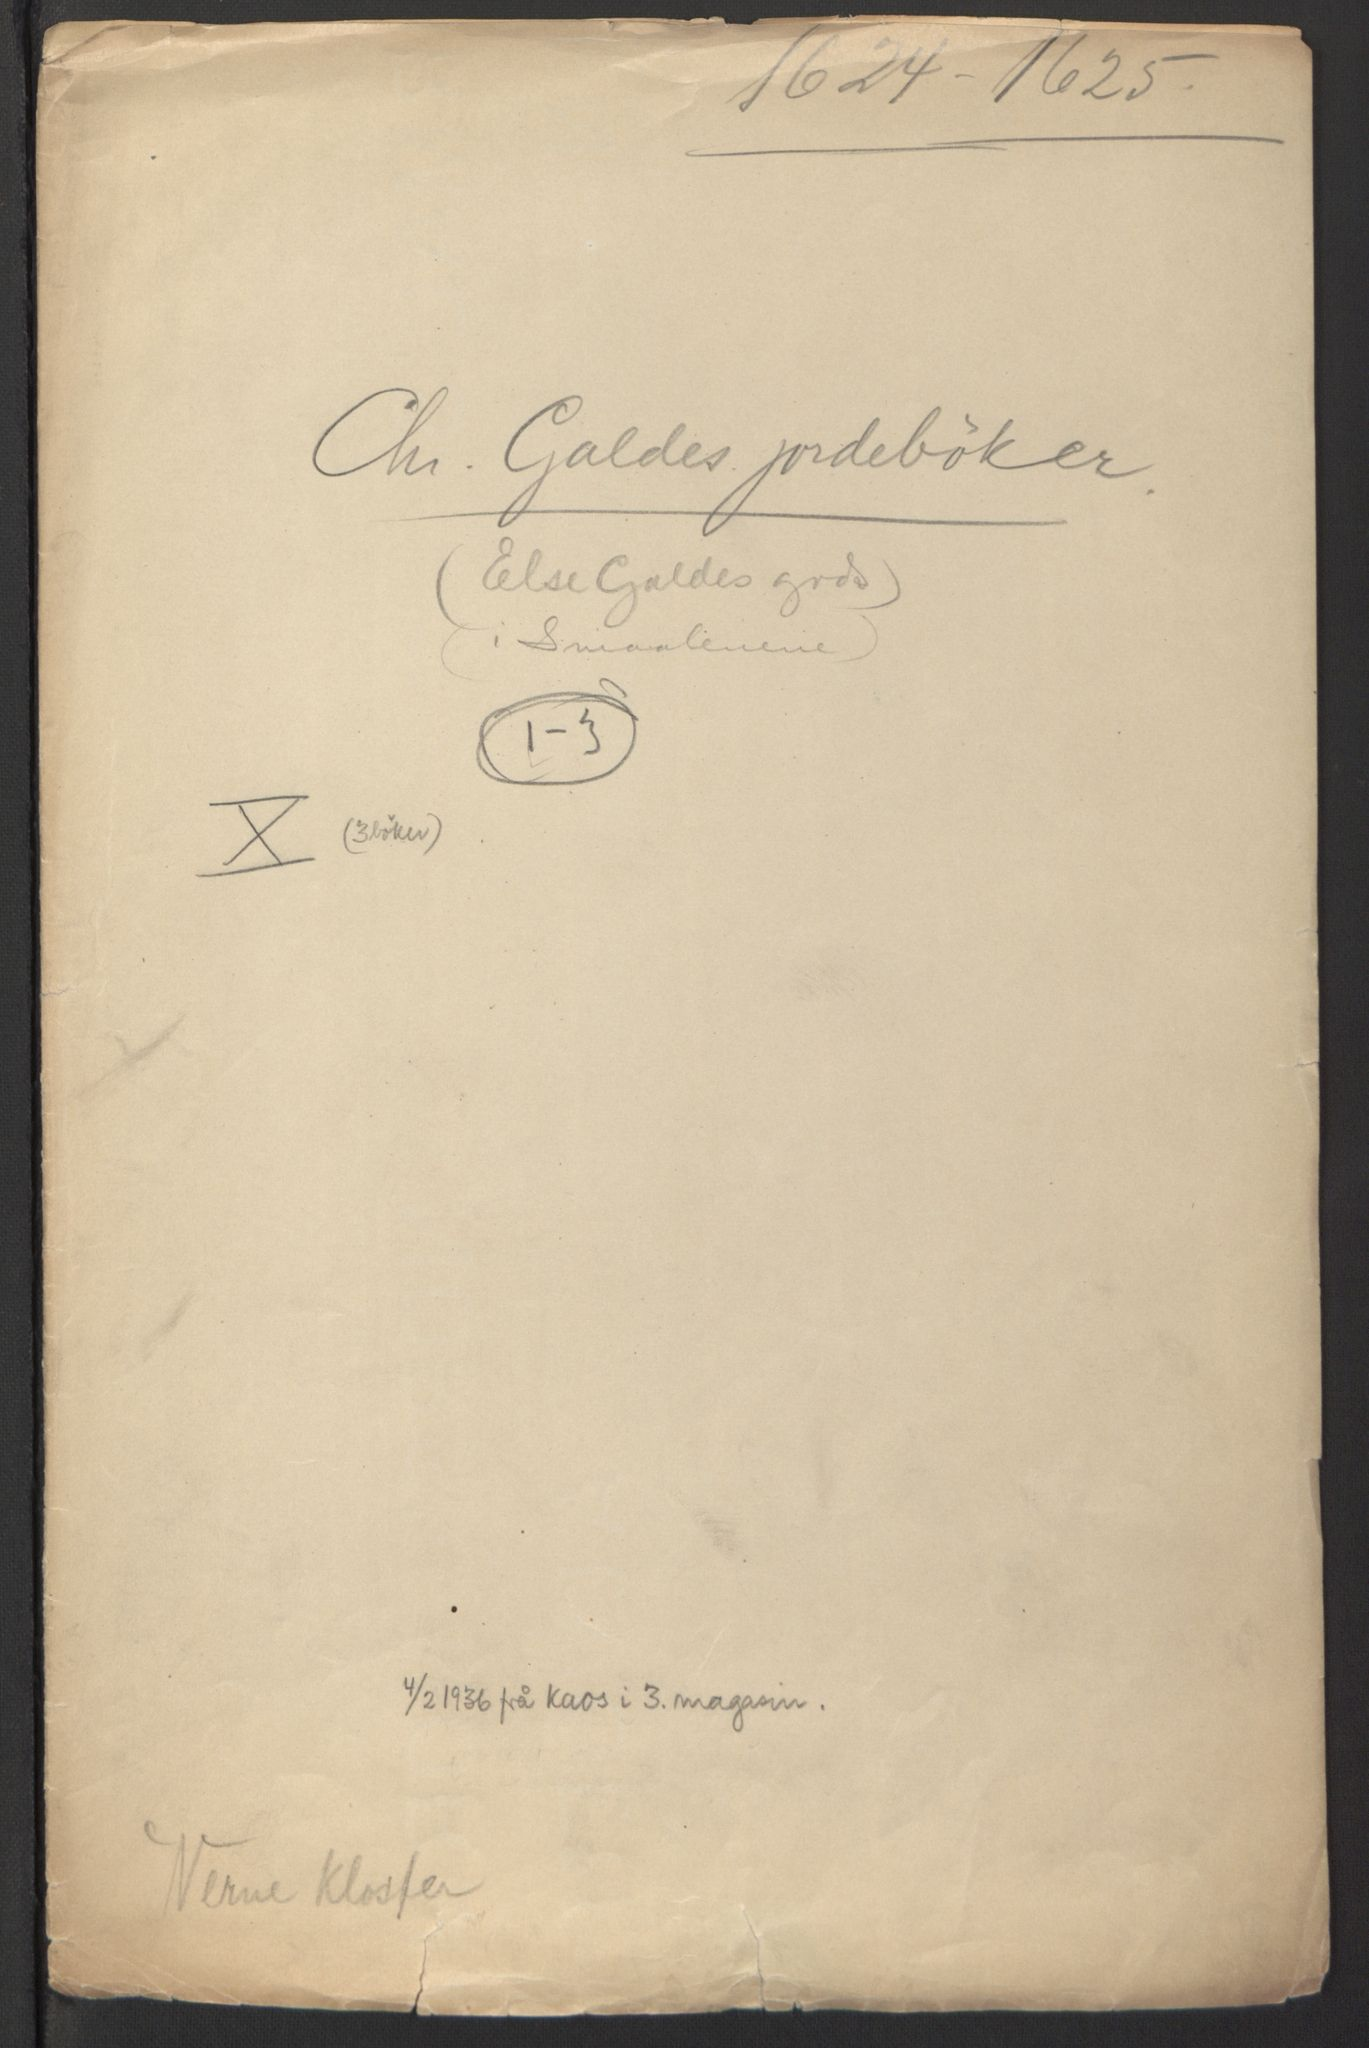 RA, Stattholderembetet 1572-1771, Ek/L0007: Jordebøker til utlikning av rosstjeneste 1624-1626:, 1624-1625, s. 247